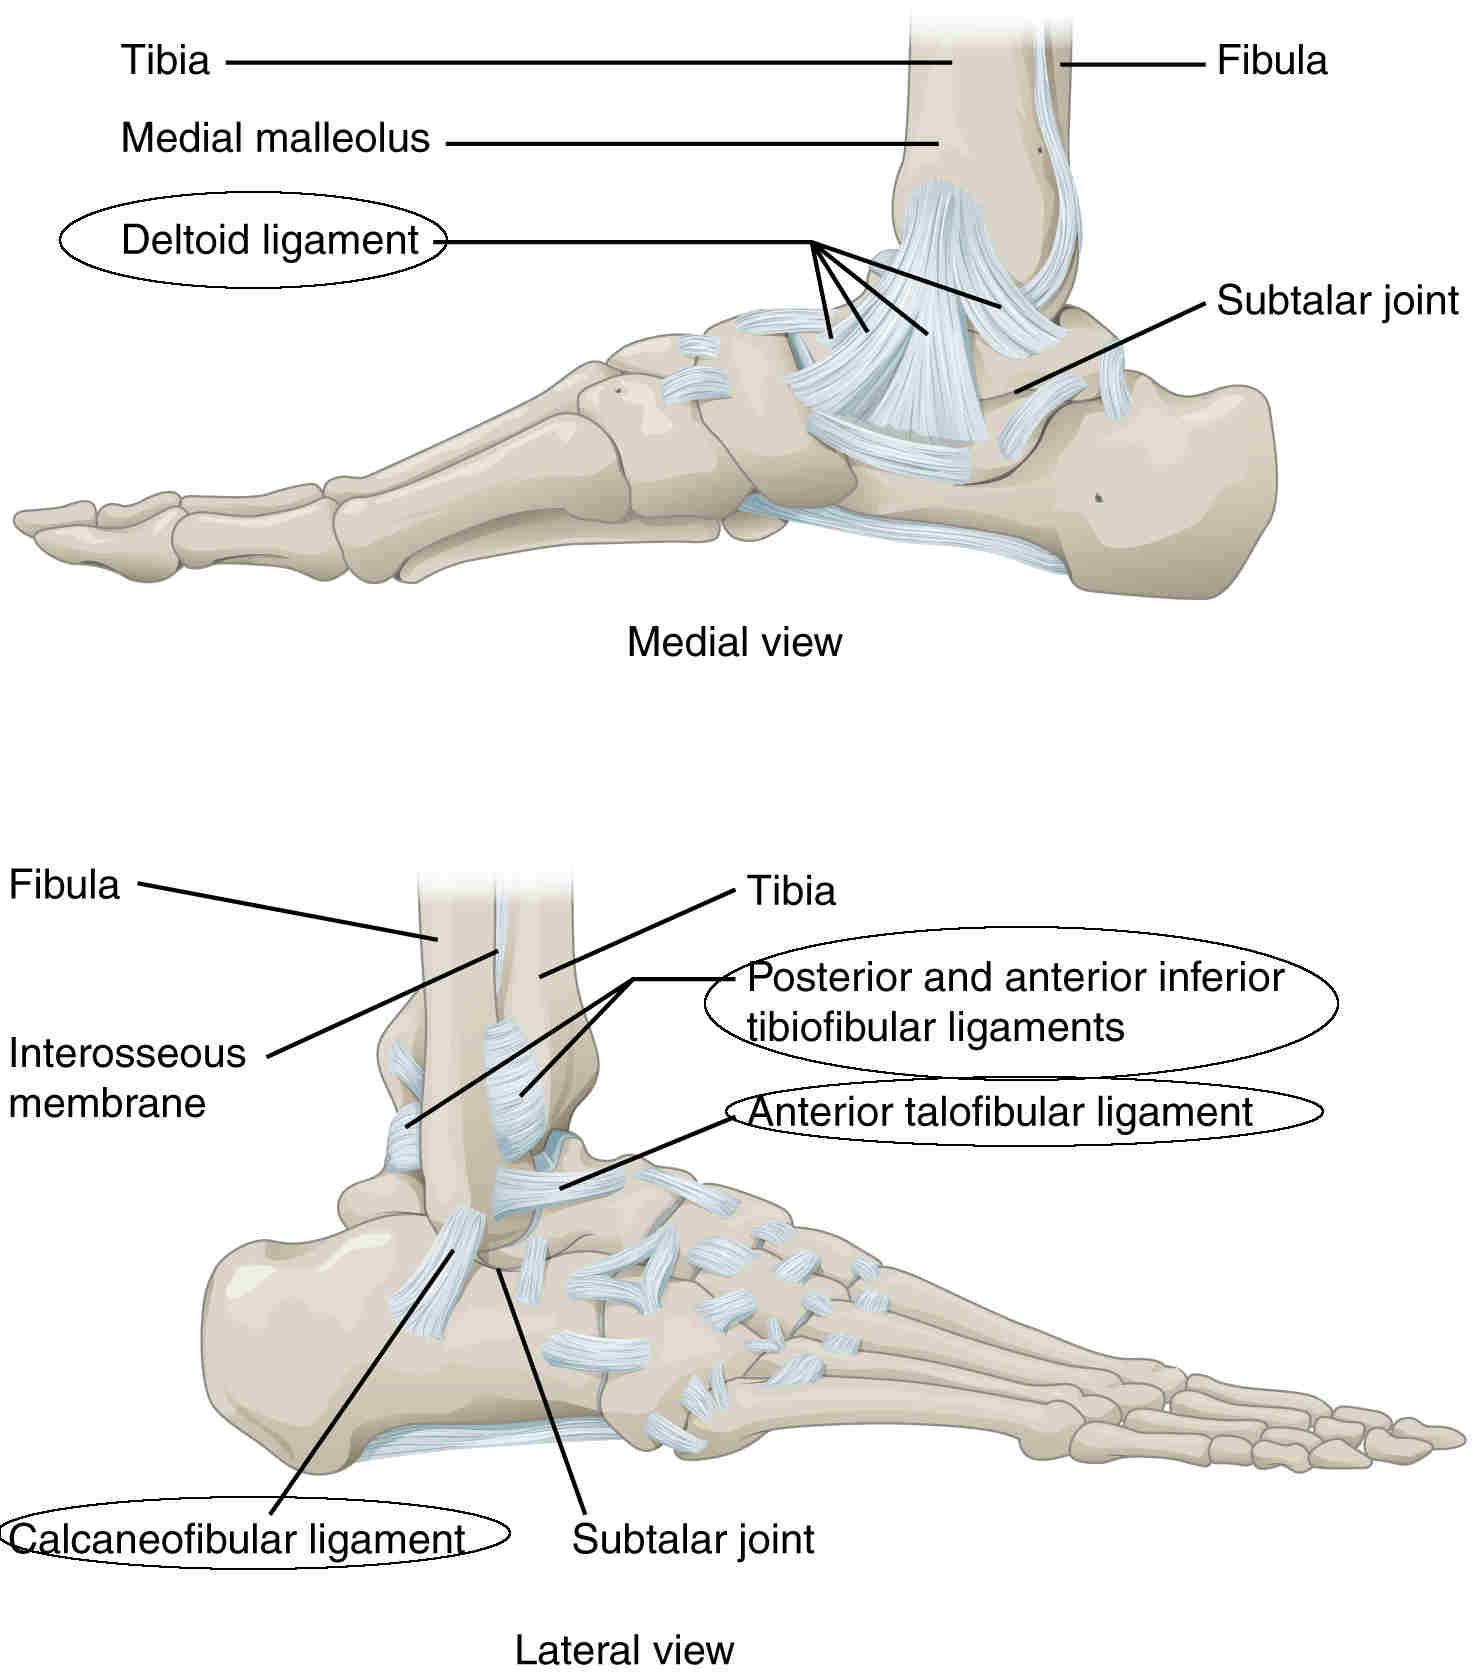 Legamenti dell'articolazione tibio tarsica